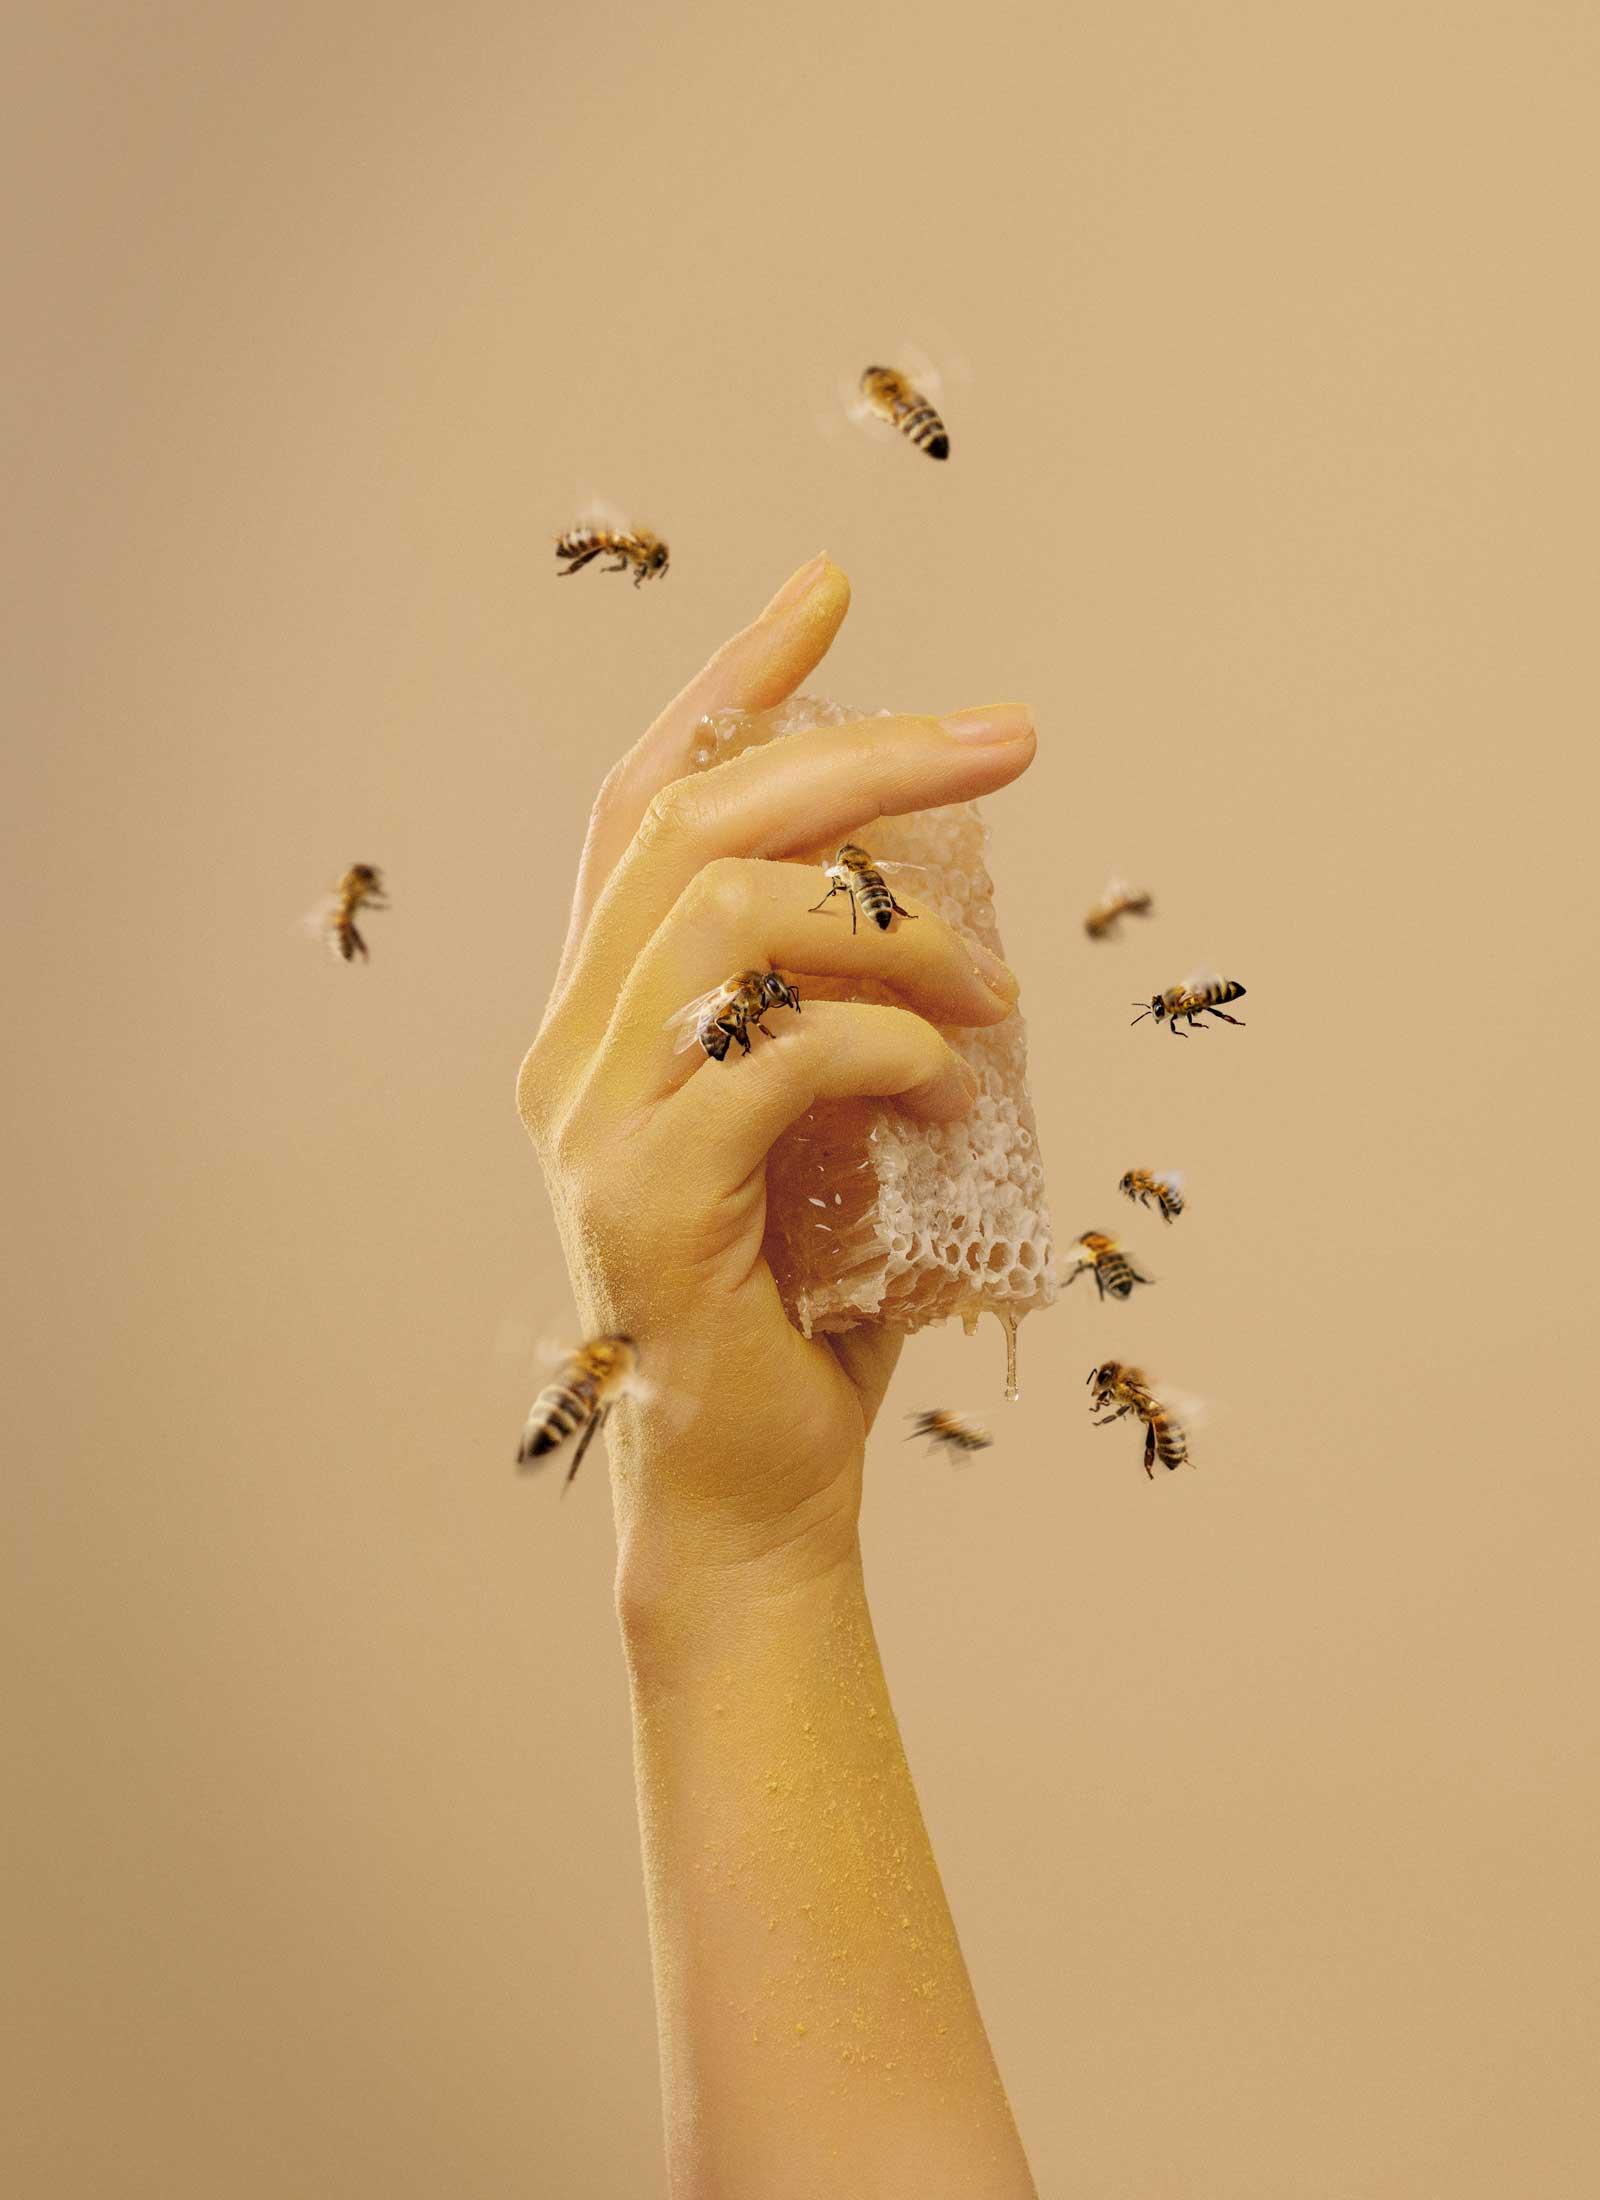 abejas-mano-estudio-como